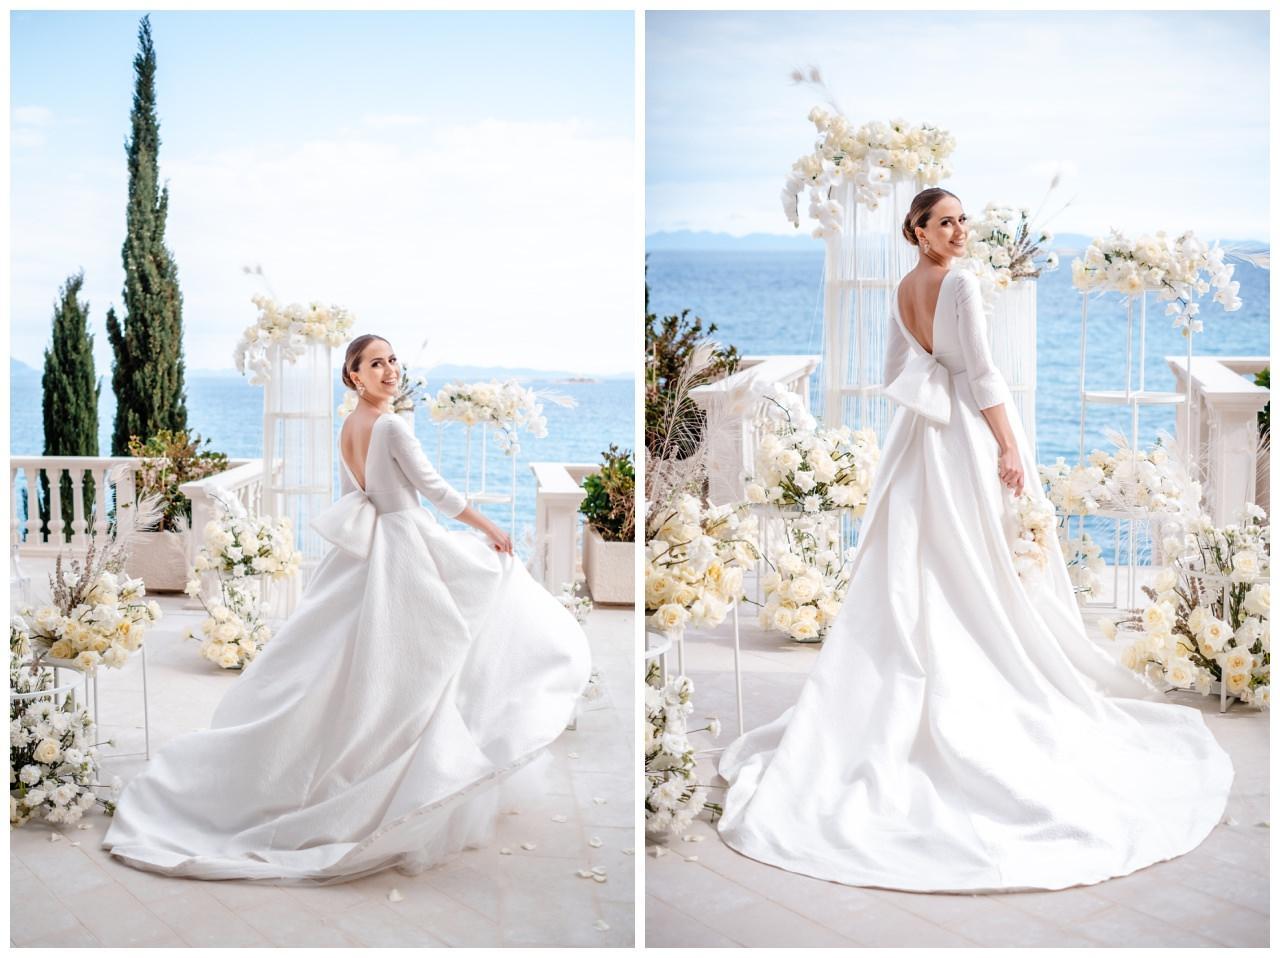 Hochzeit Kroatien Hochzeitsplanung Hochzeitsplaner Fotograf 14 - Luxuriöse Hochzeit in Weiß